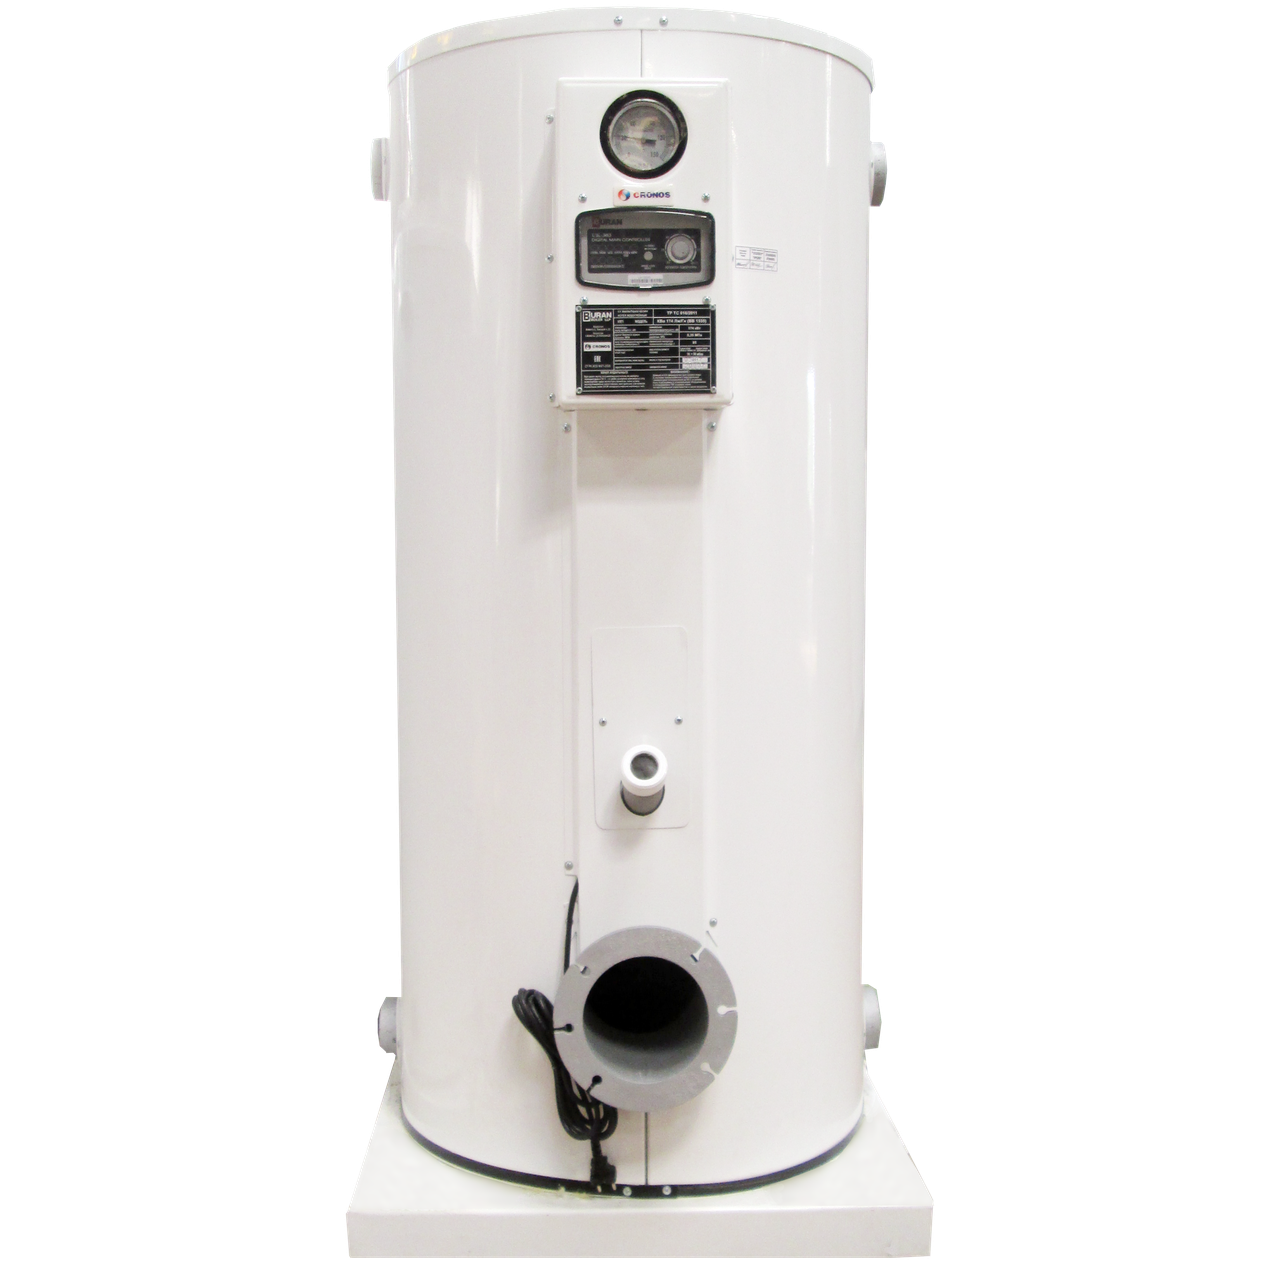 Котёл газовый Cronos BB-5535 (640кВт) для отопления и ГВС